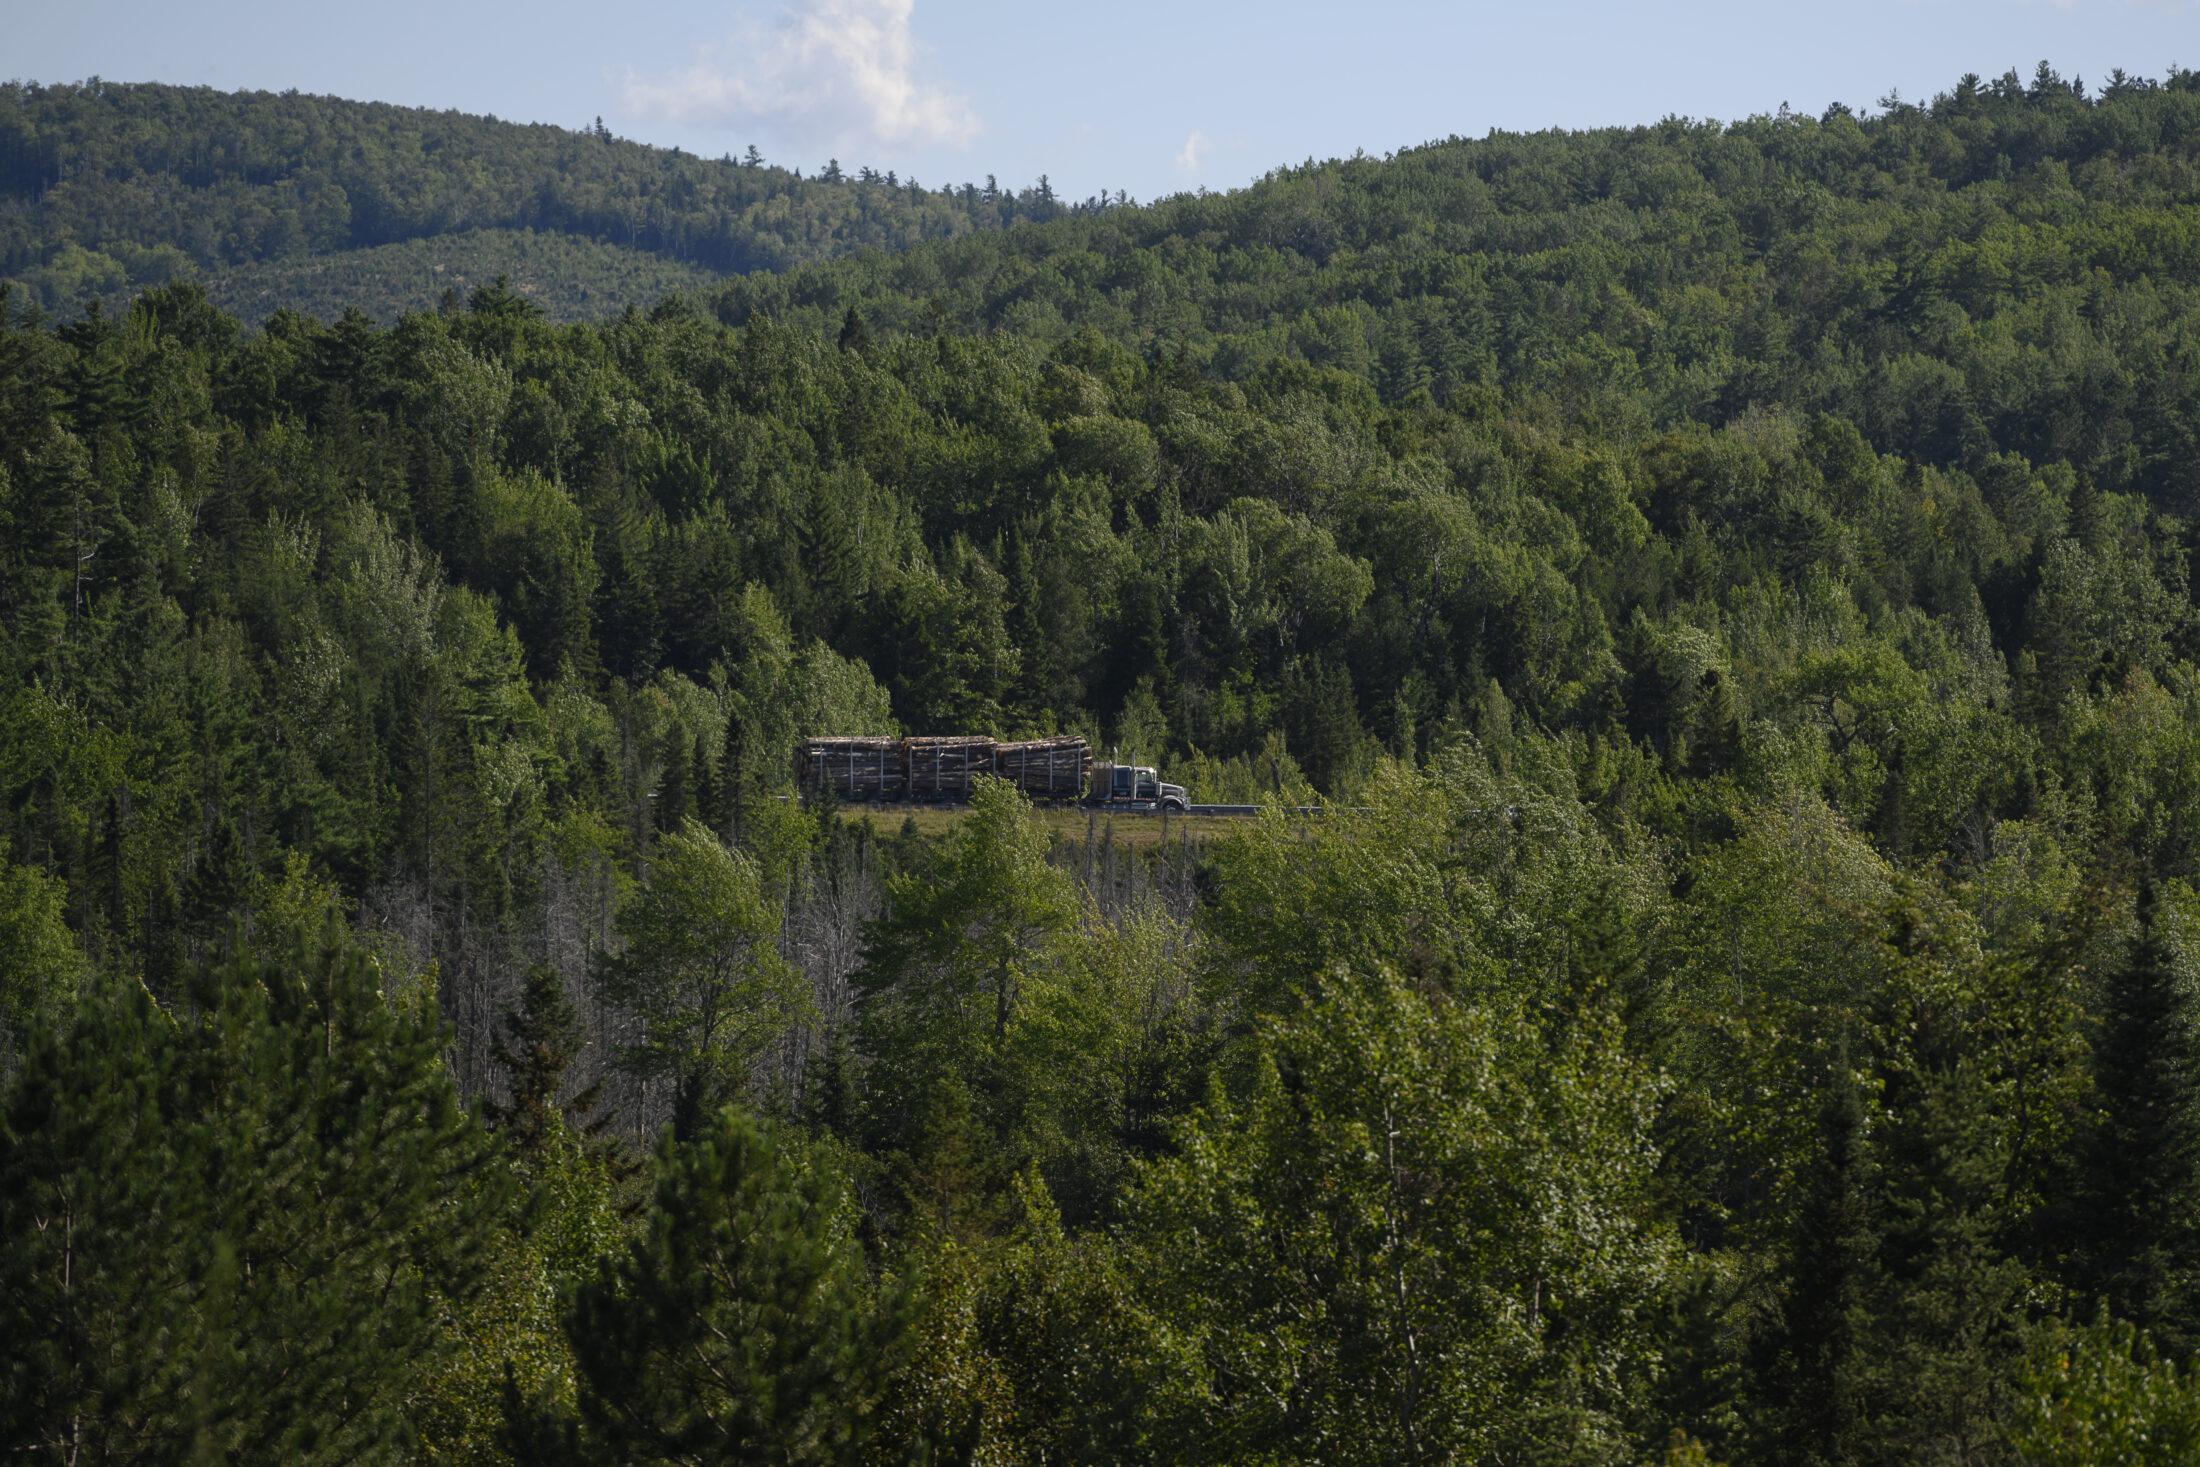 Logging truck Acadian forest